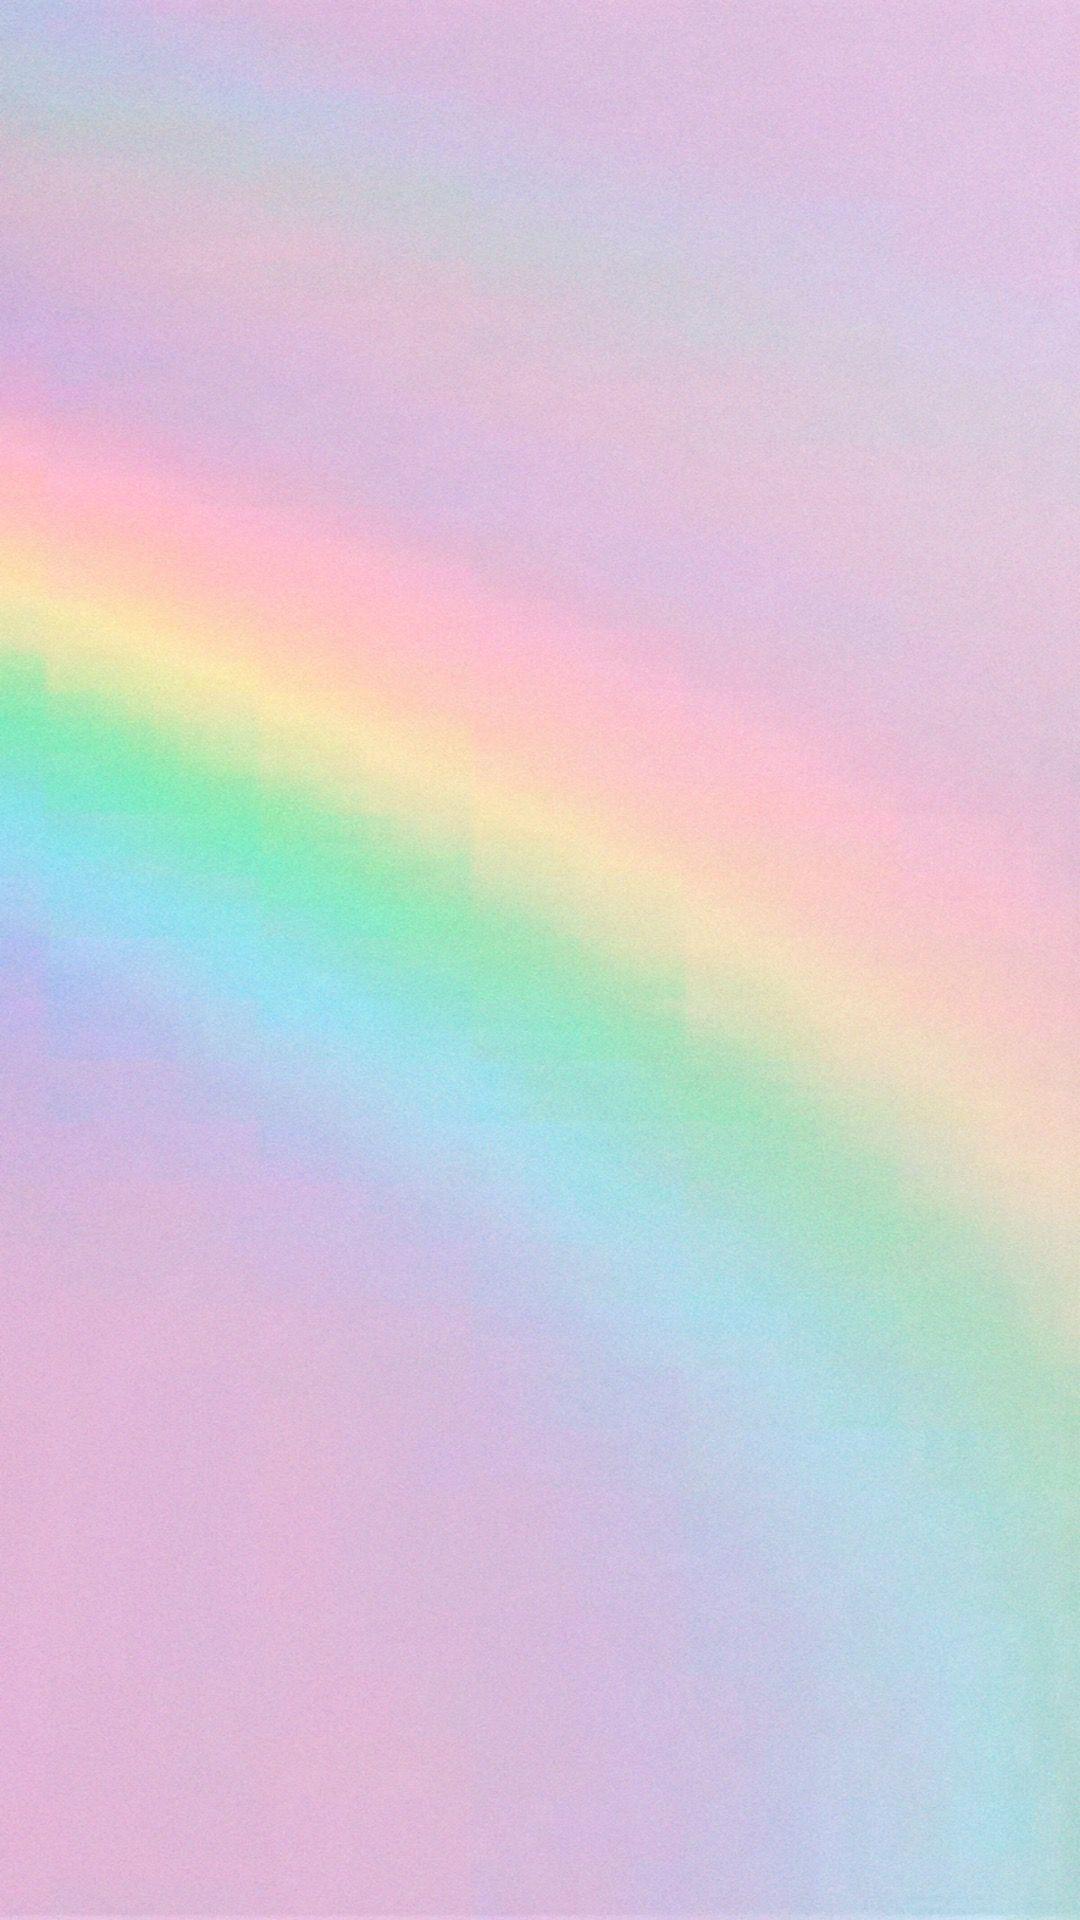 foto de p i n t e r e s t xoteanna3 Fondo de pantalla rosado